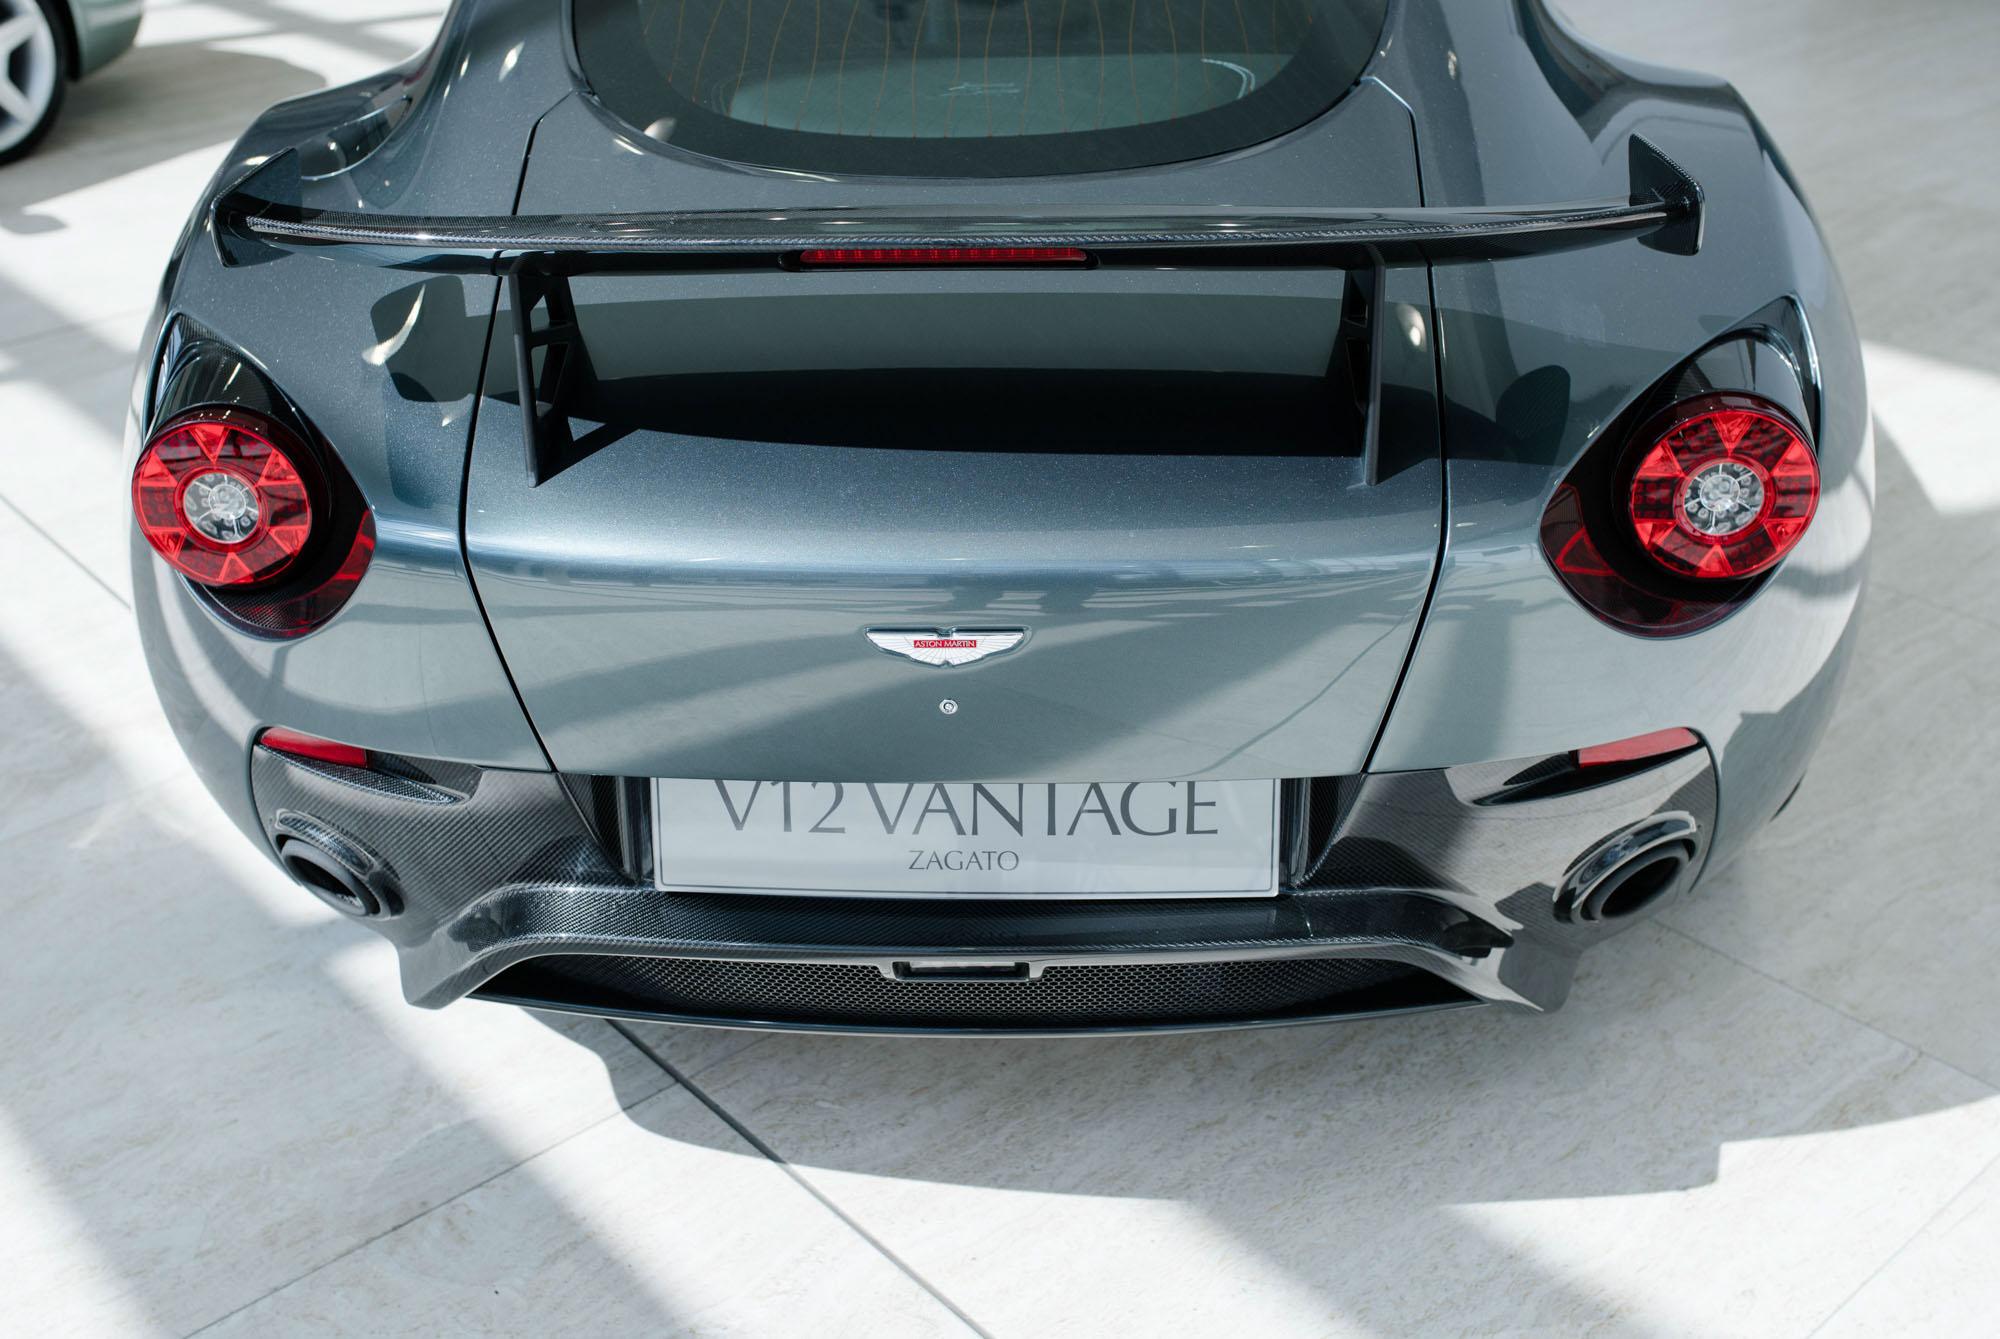 V12 Vantage Zagato